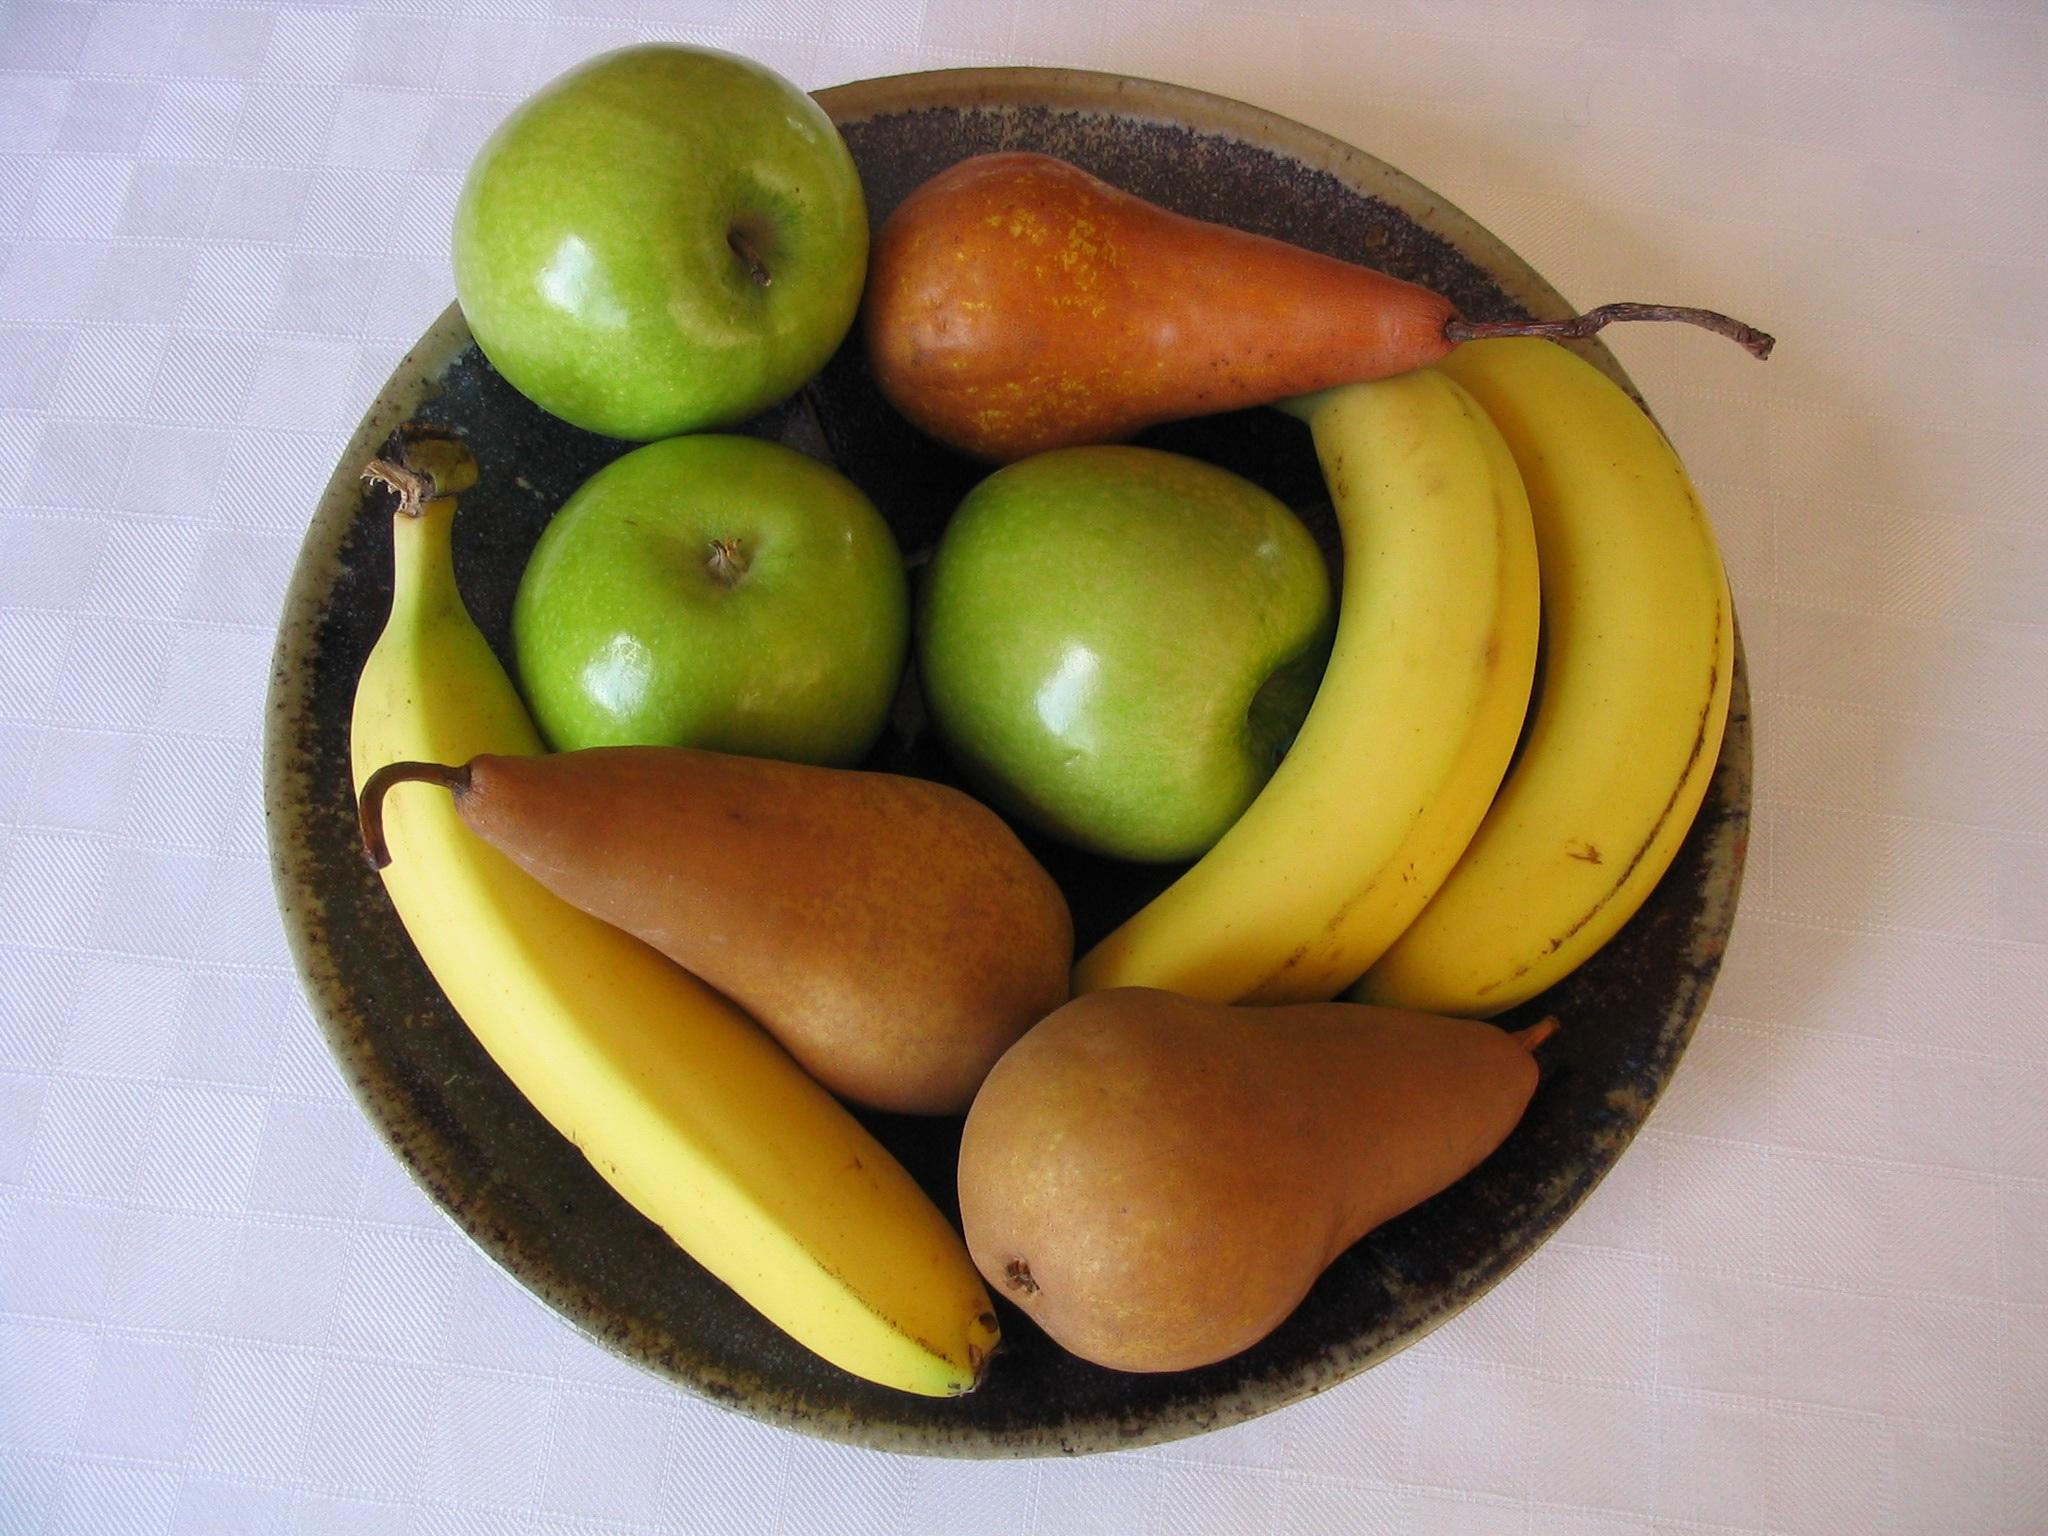 некоторые картинка яблоко банан апельсин фабрика